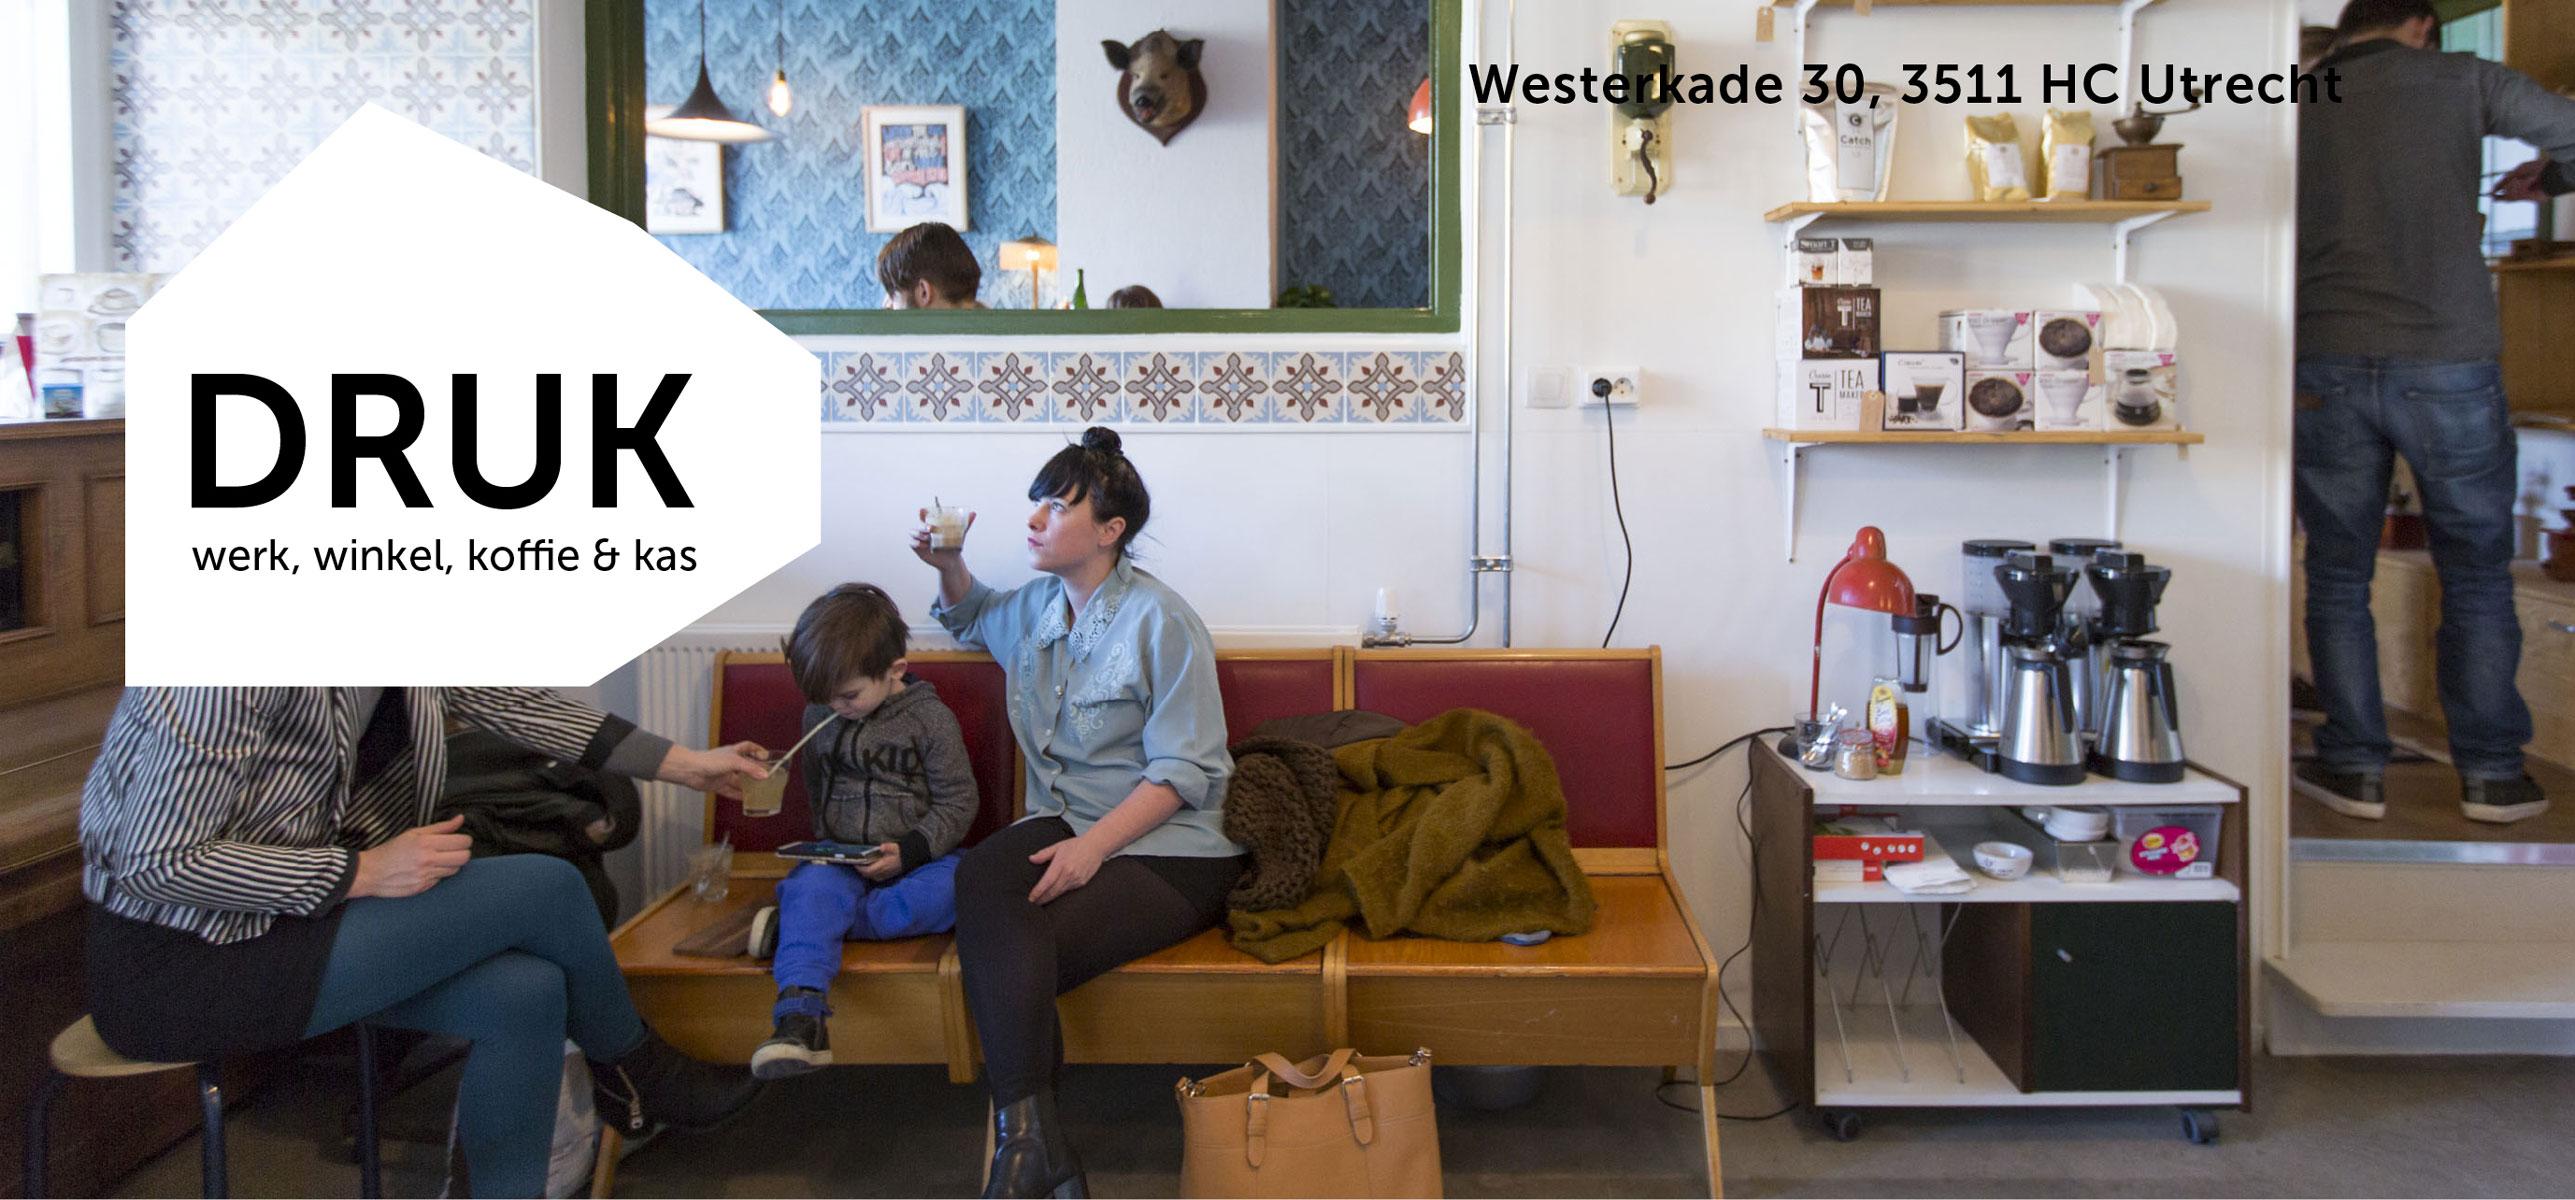 Creatieve broedplaats Druk in Utrecht